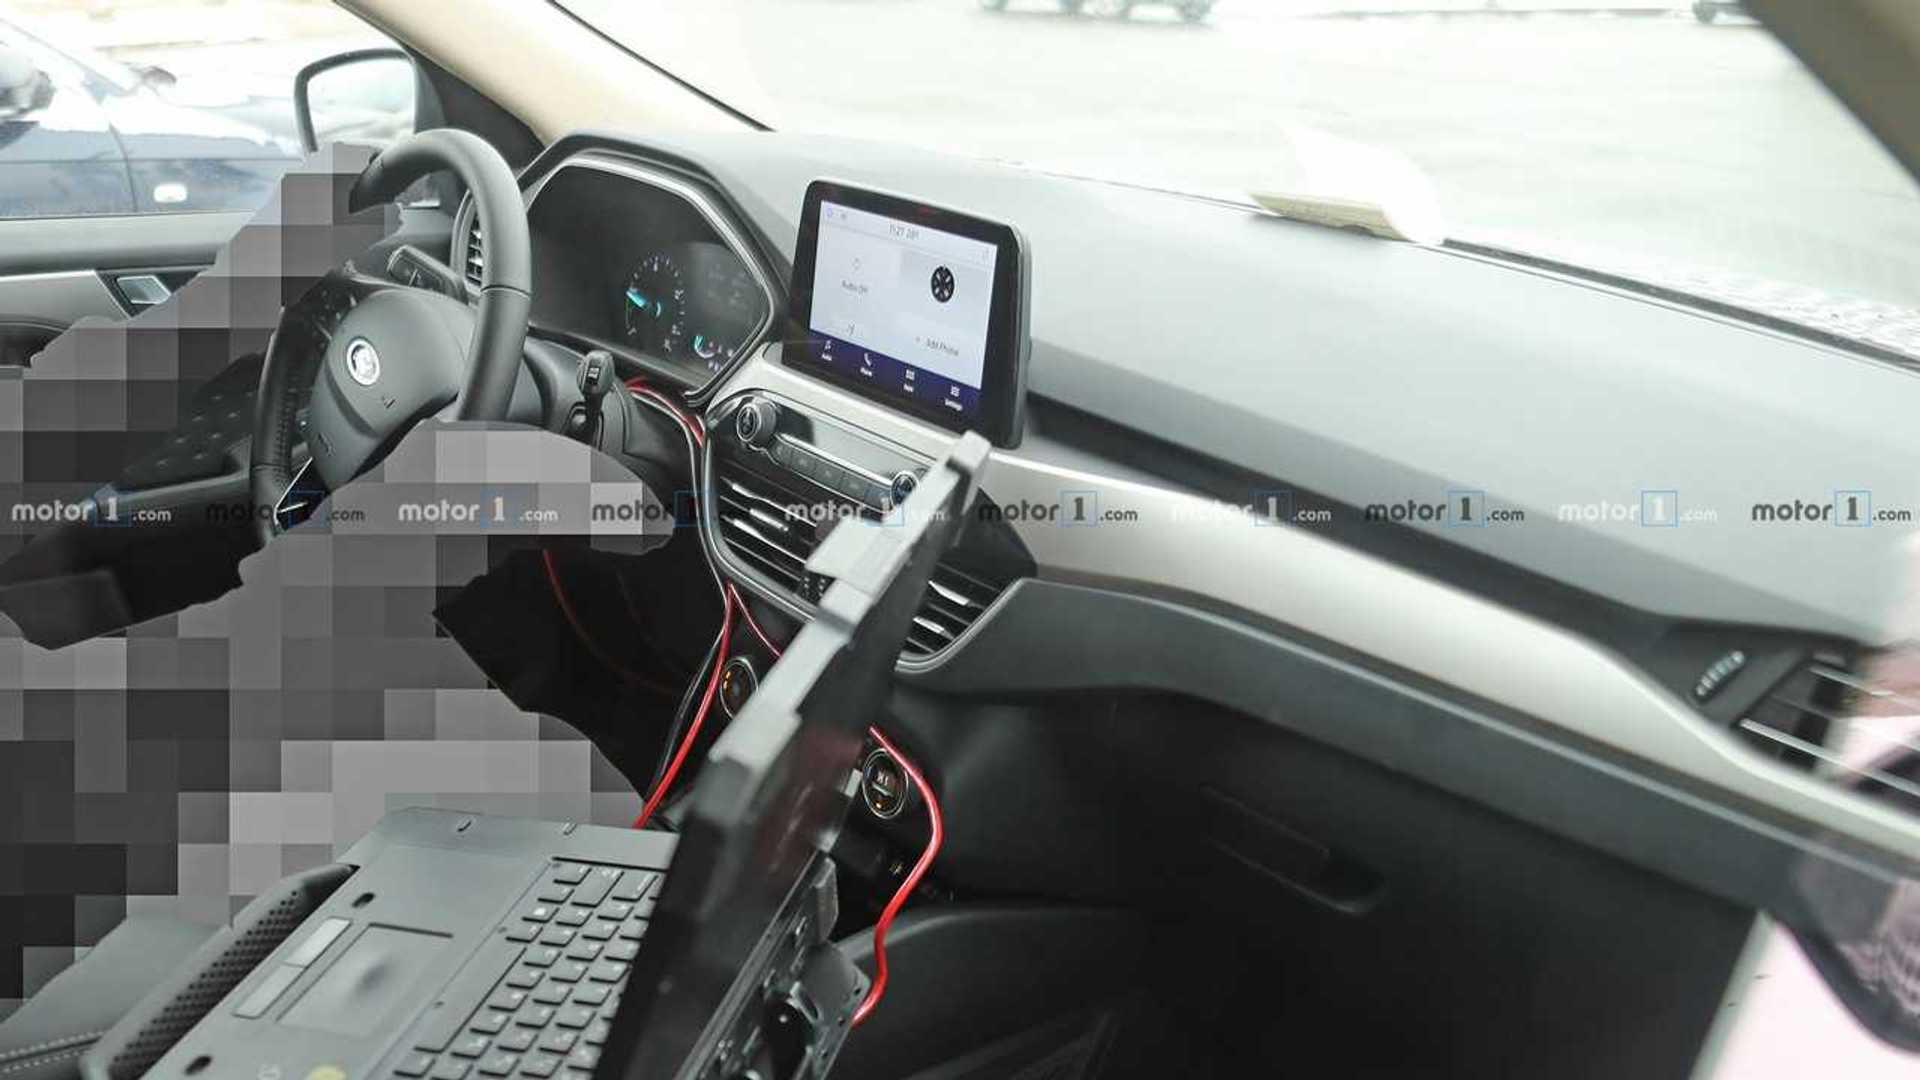 2020-ford-escape-interior-spy-photo.jpg